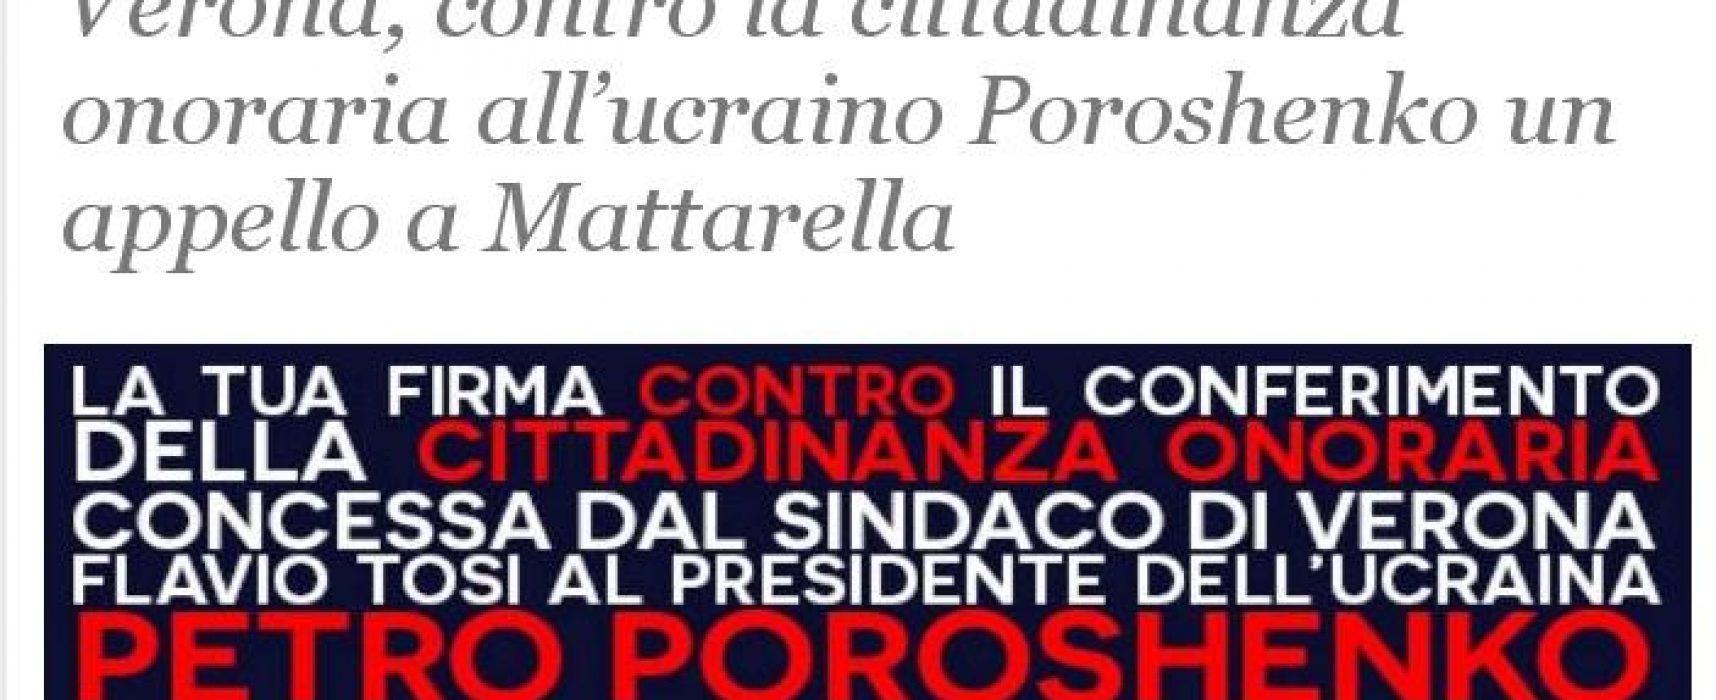 Fake : Fatto Quotidiano, no alla cittadinanza onoraria a Poroshenko